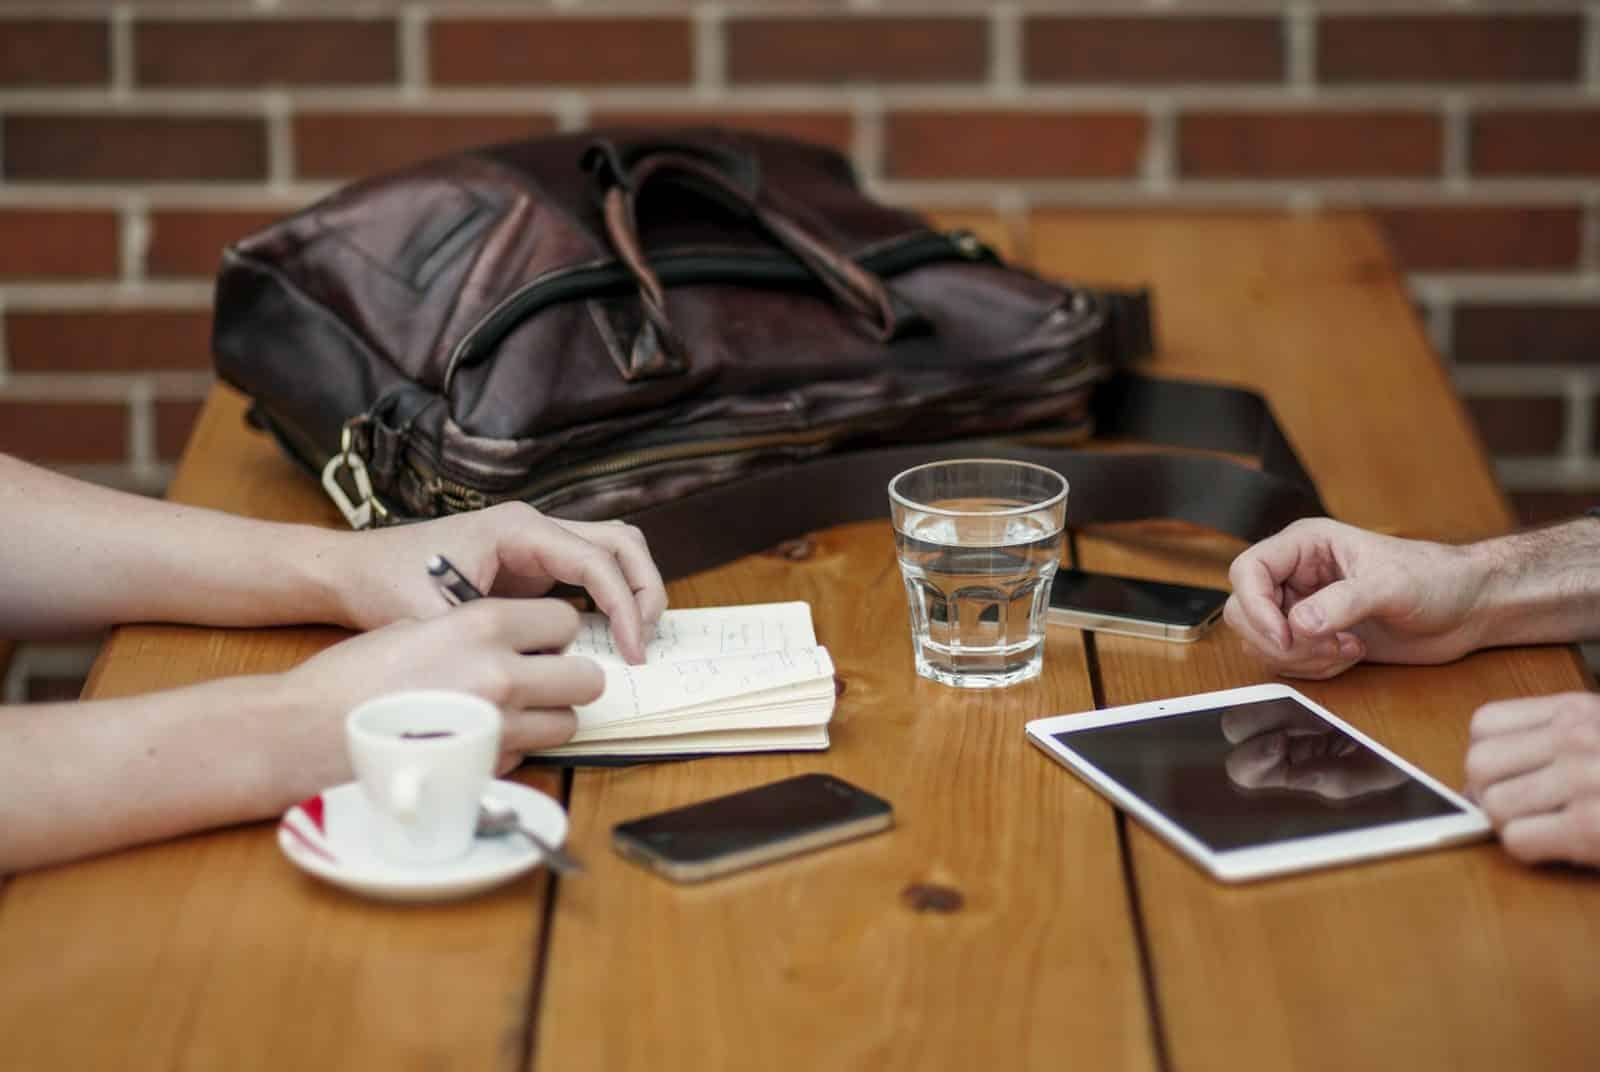 Quelles questions sont autorisées ou non lors d'un entretien d'embauche?